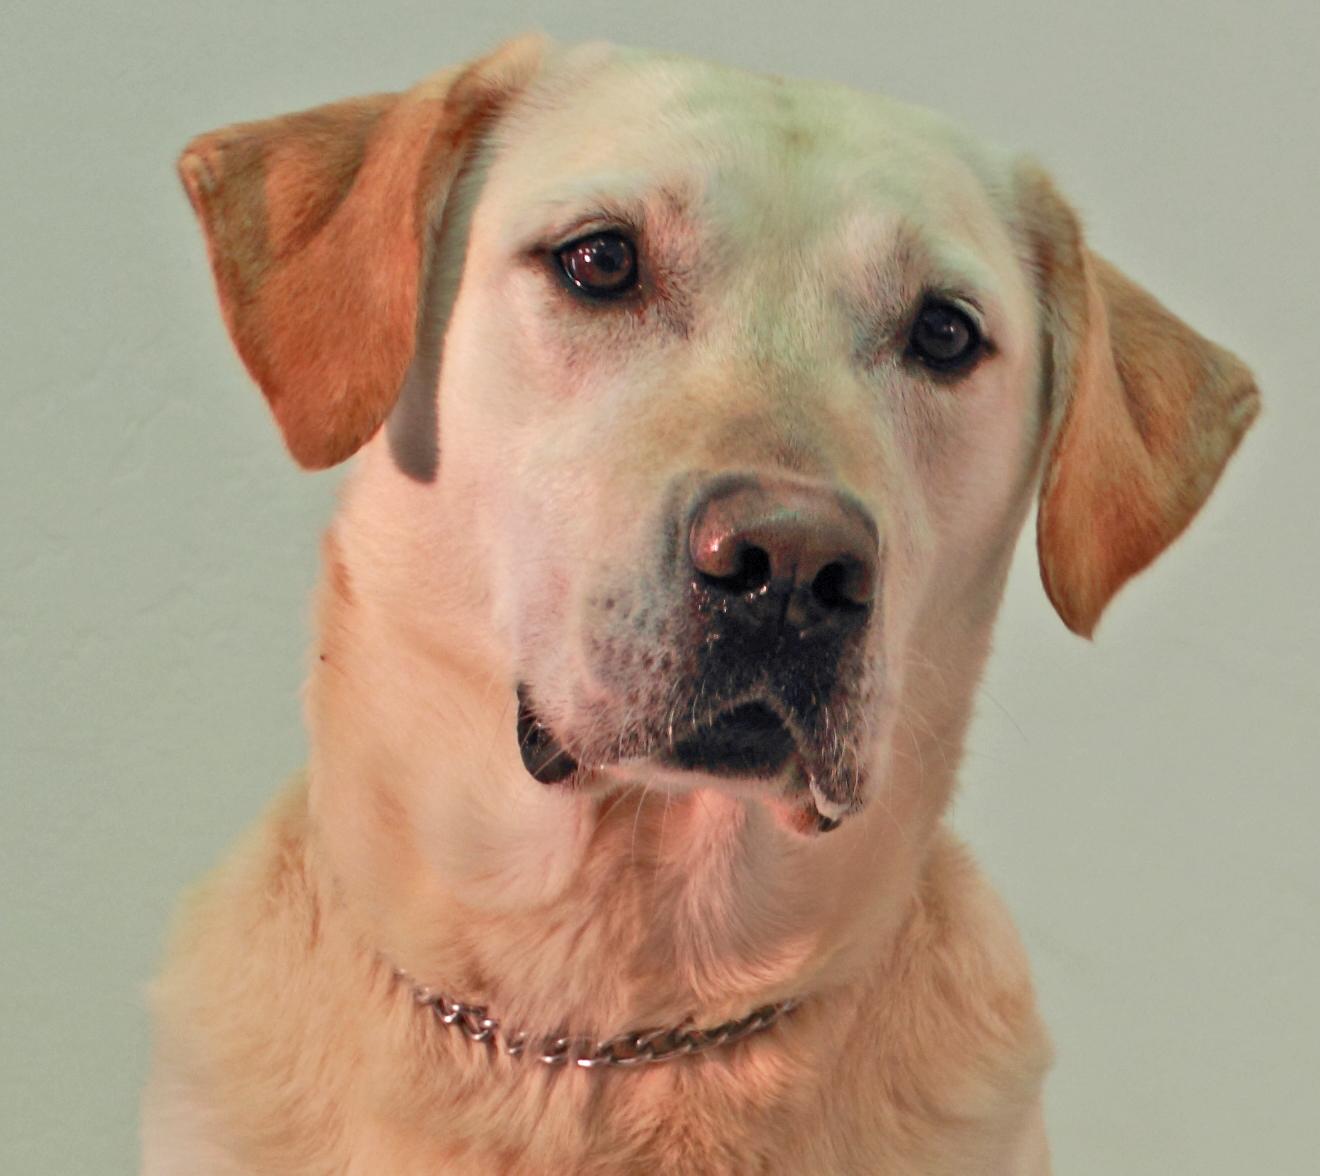 K-9 detection dog